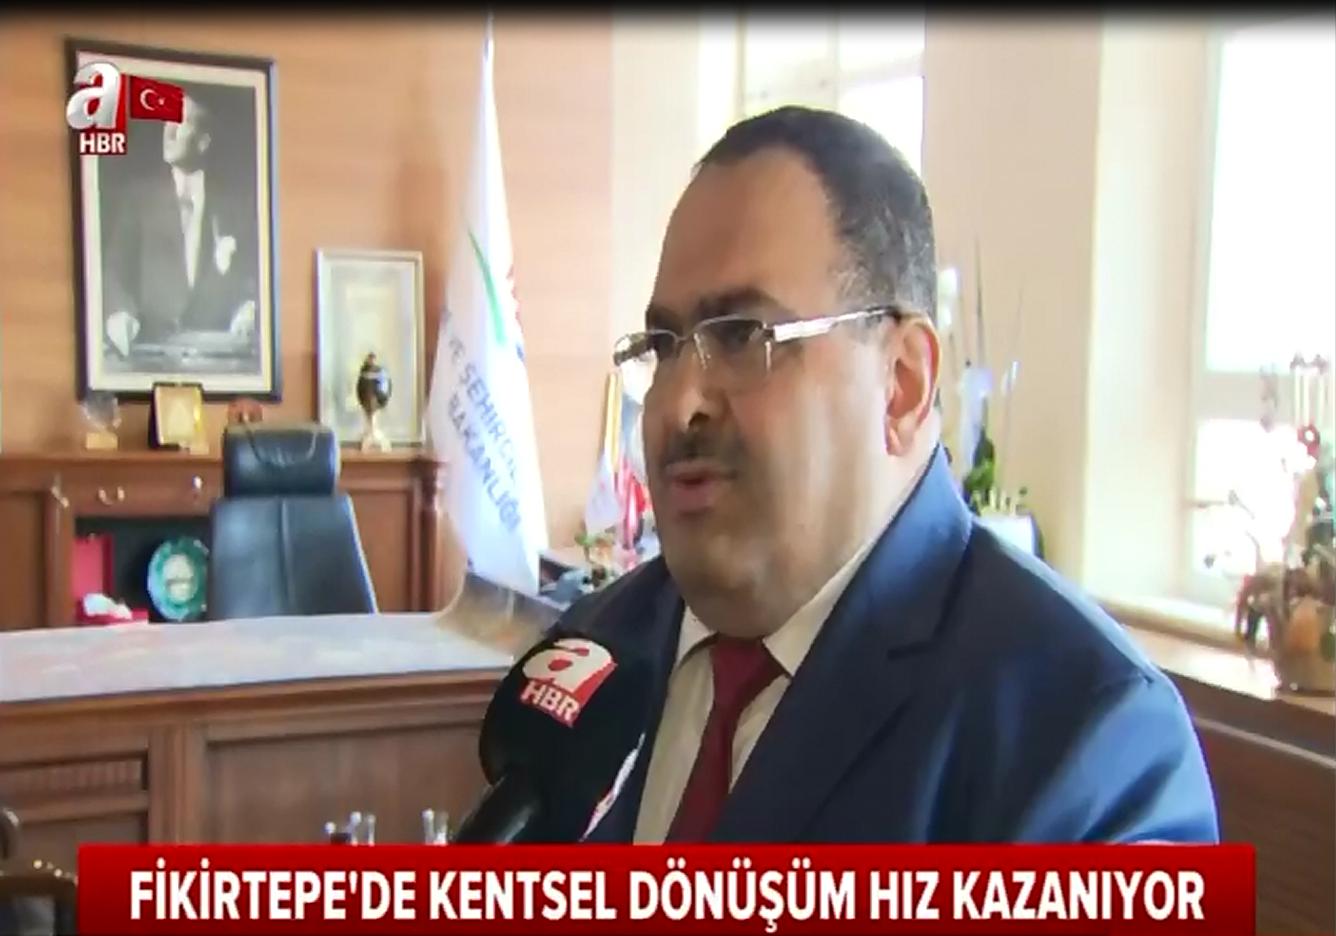 İl Müdürümüz Dr. Av. Veli BÖKE, Fikirtepe'deki çalışmalar ile ilgili A Haber'e açıklamalarda bulundu.